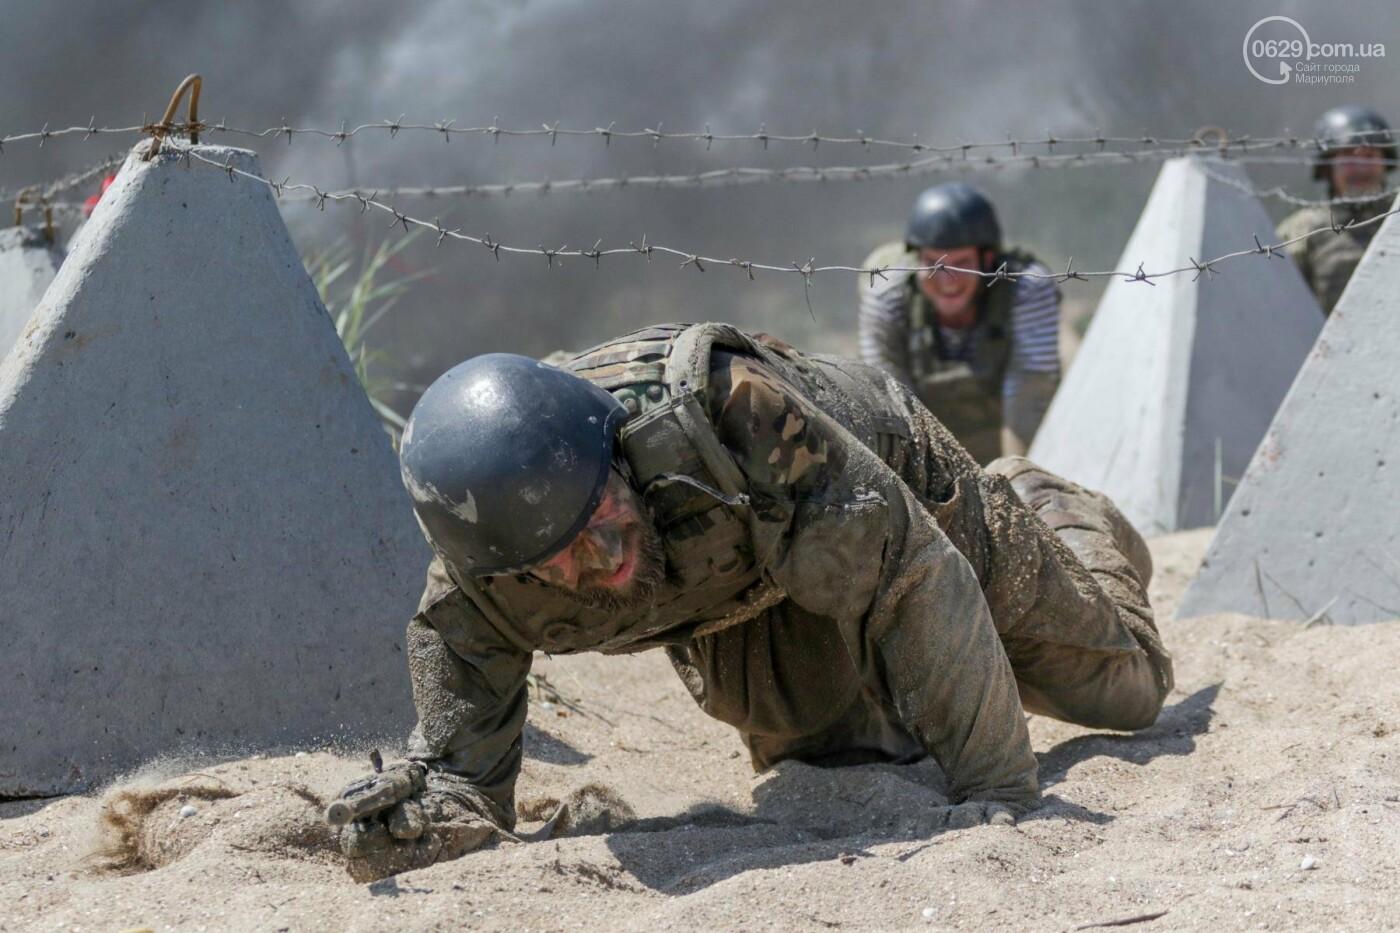 Под Мариуполем девушки-военнослужащие преодолели «полосу морпеха», - ФОТОРЕПОРТАЖ, фото-3